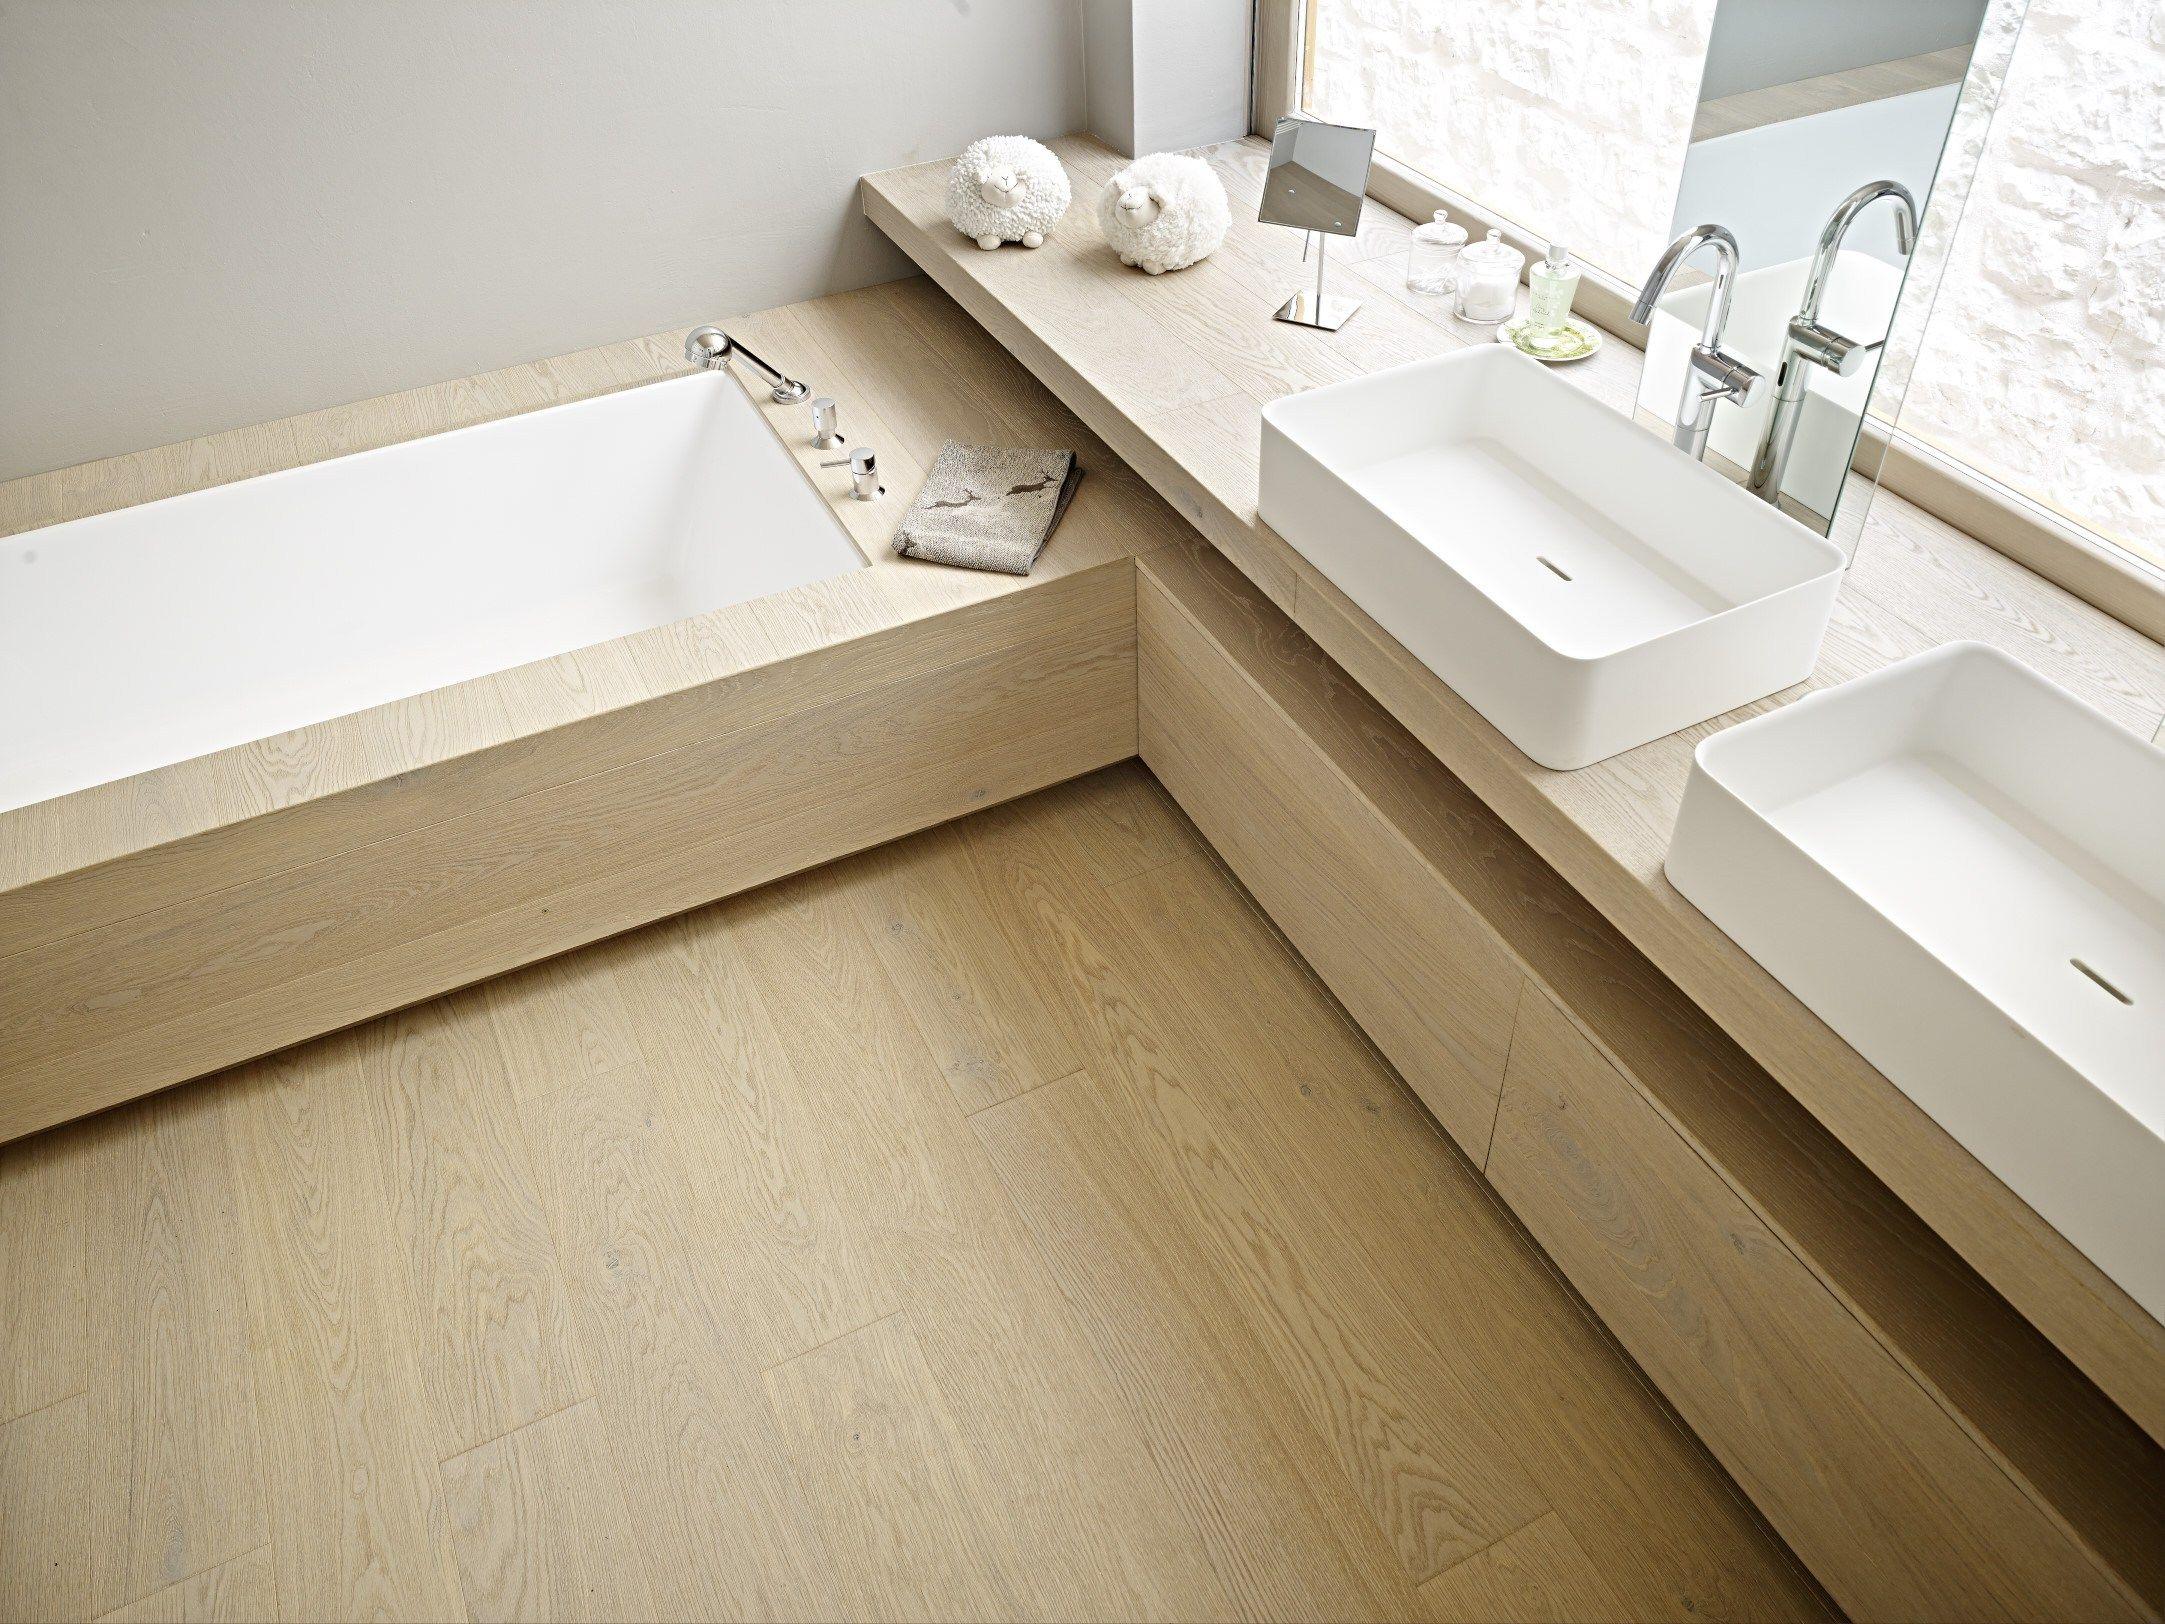 Elegantes badezimmerdekor waschtischunterschrank aus holz disegnodilegno